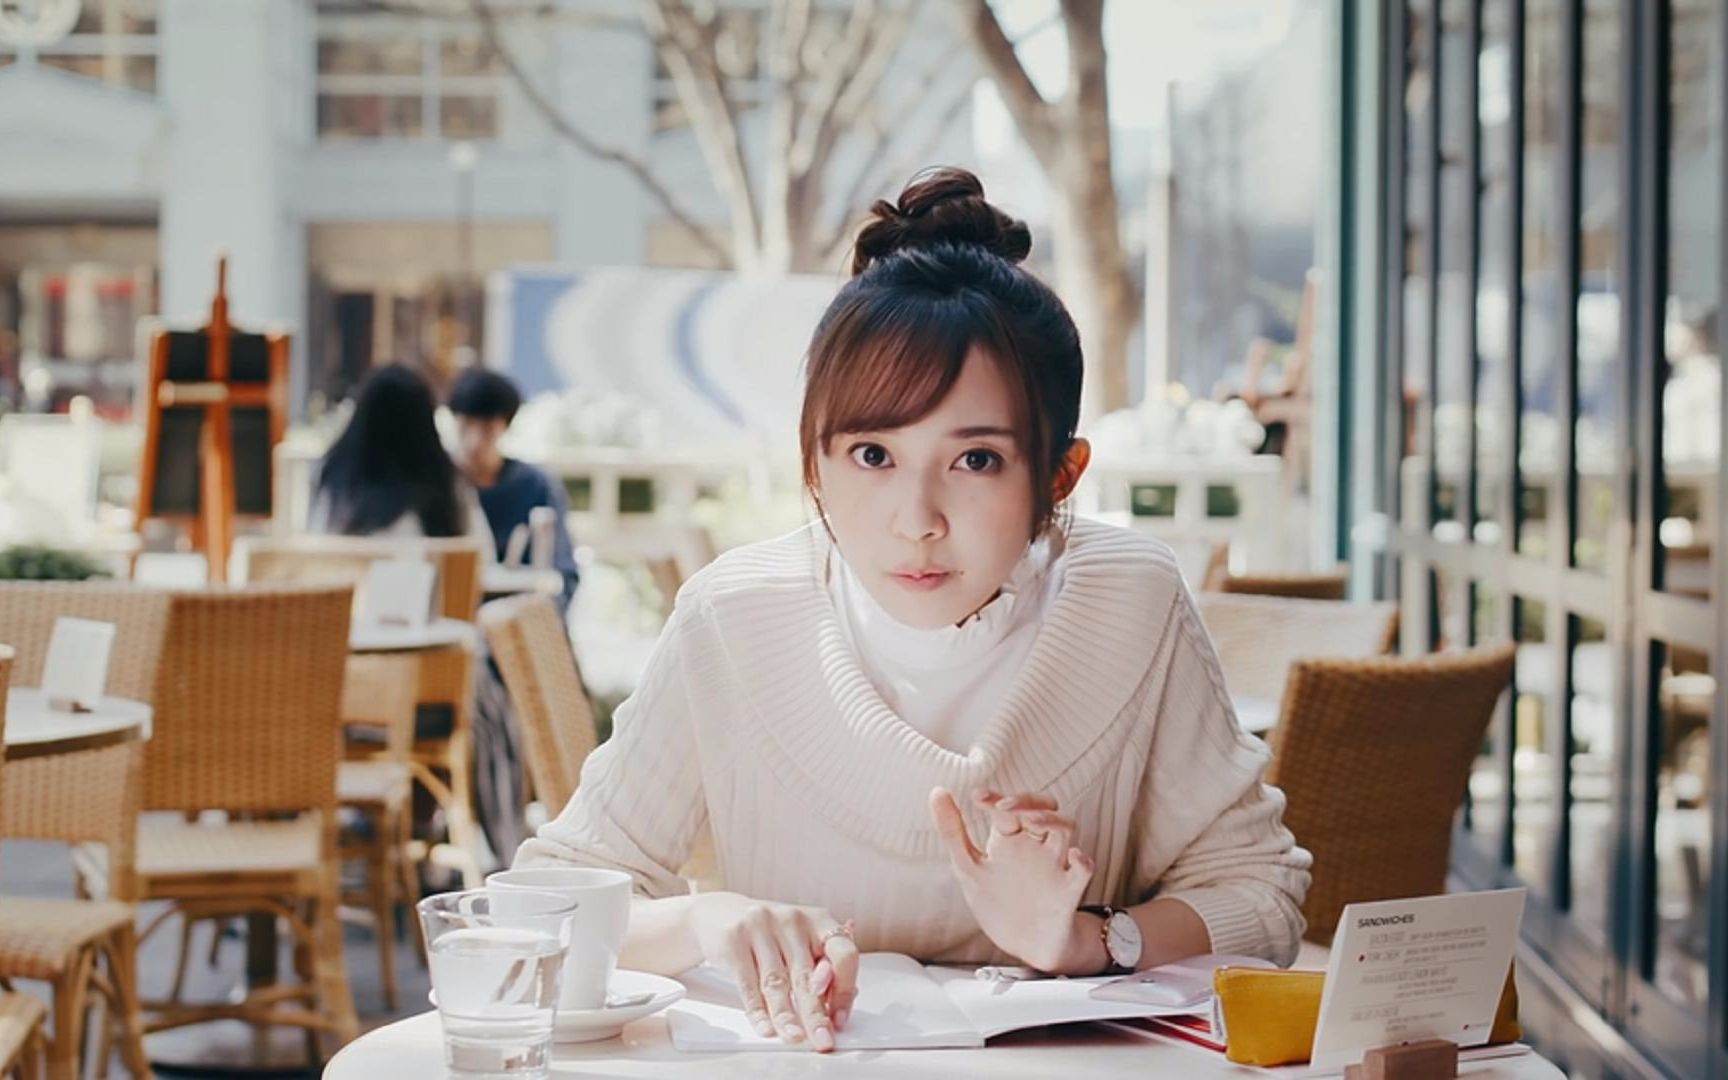 小宫有纱�9g�[_[中字] 为了能够告白而努力向老师学习法文的小宫有纱